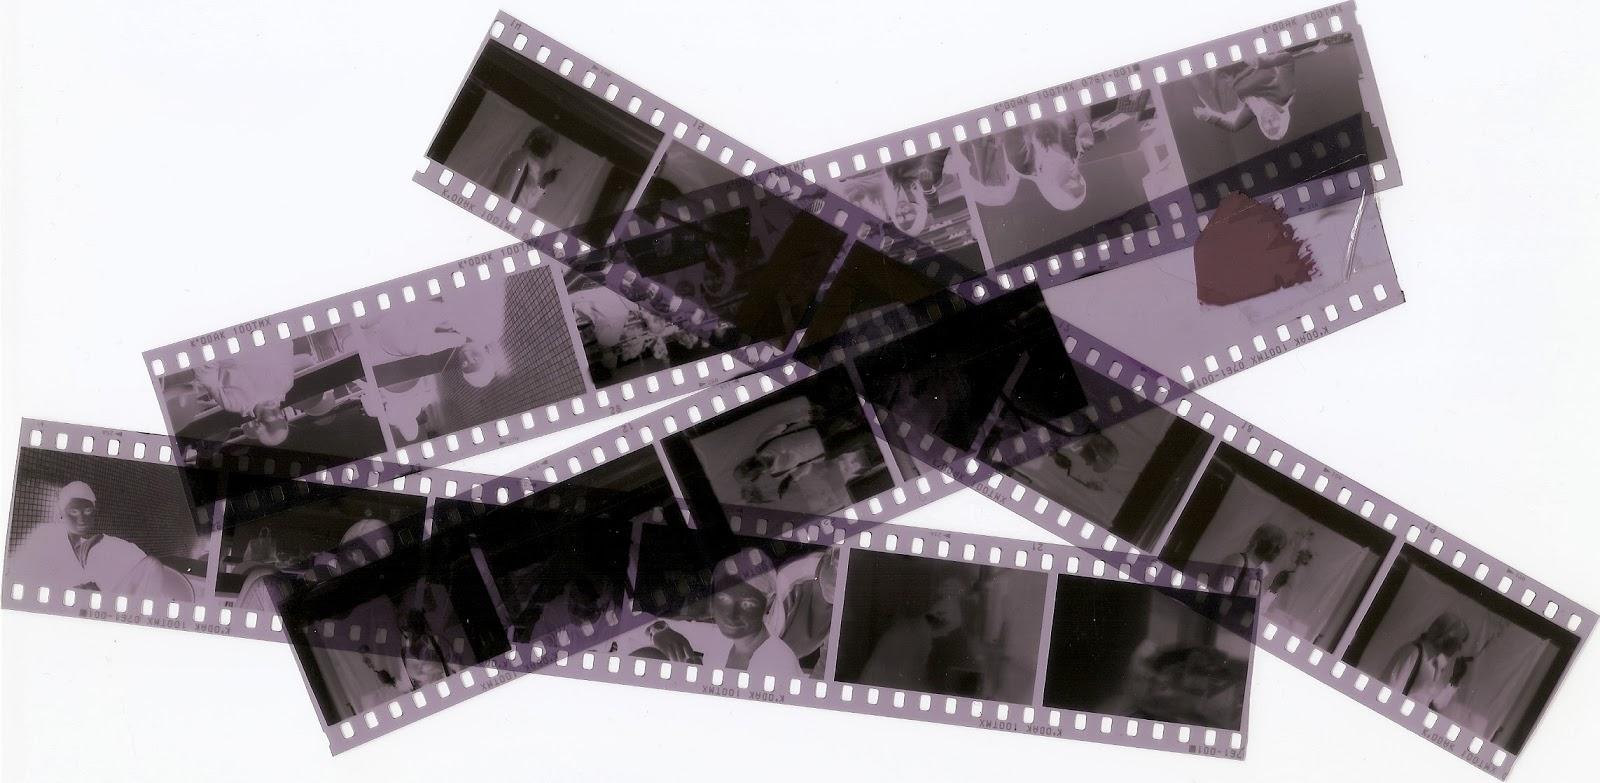 entiende clasificacion imagen reflexion: